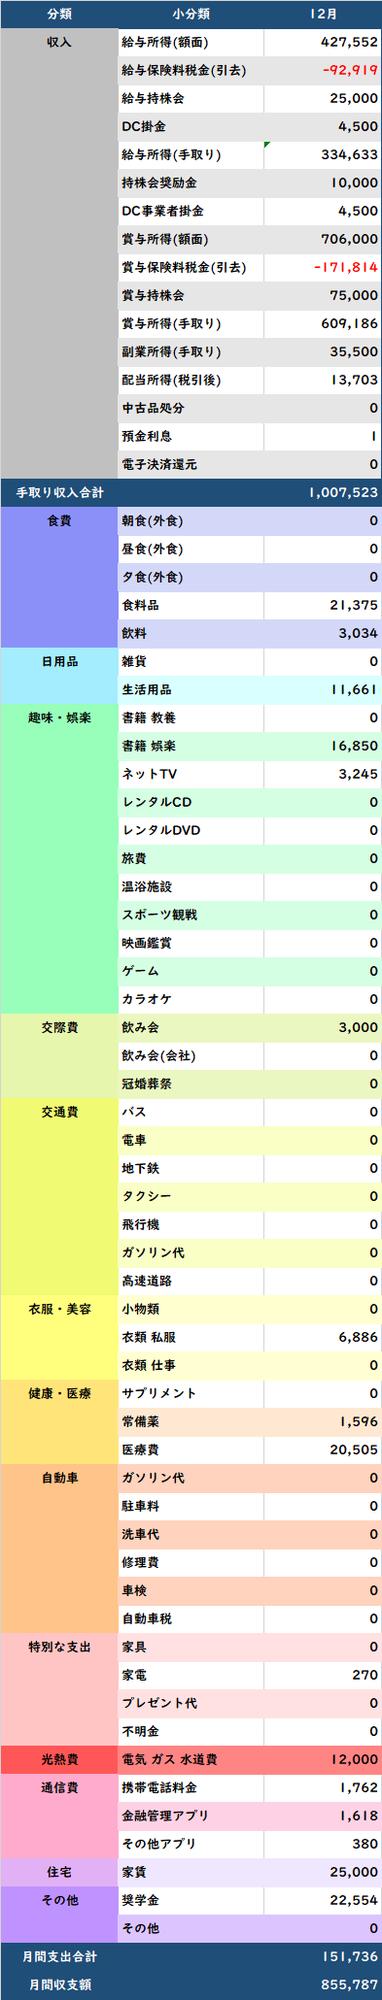 f:id:Hakurei:20210123204554p:plain